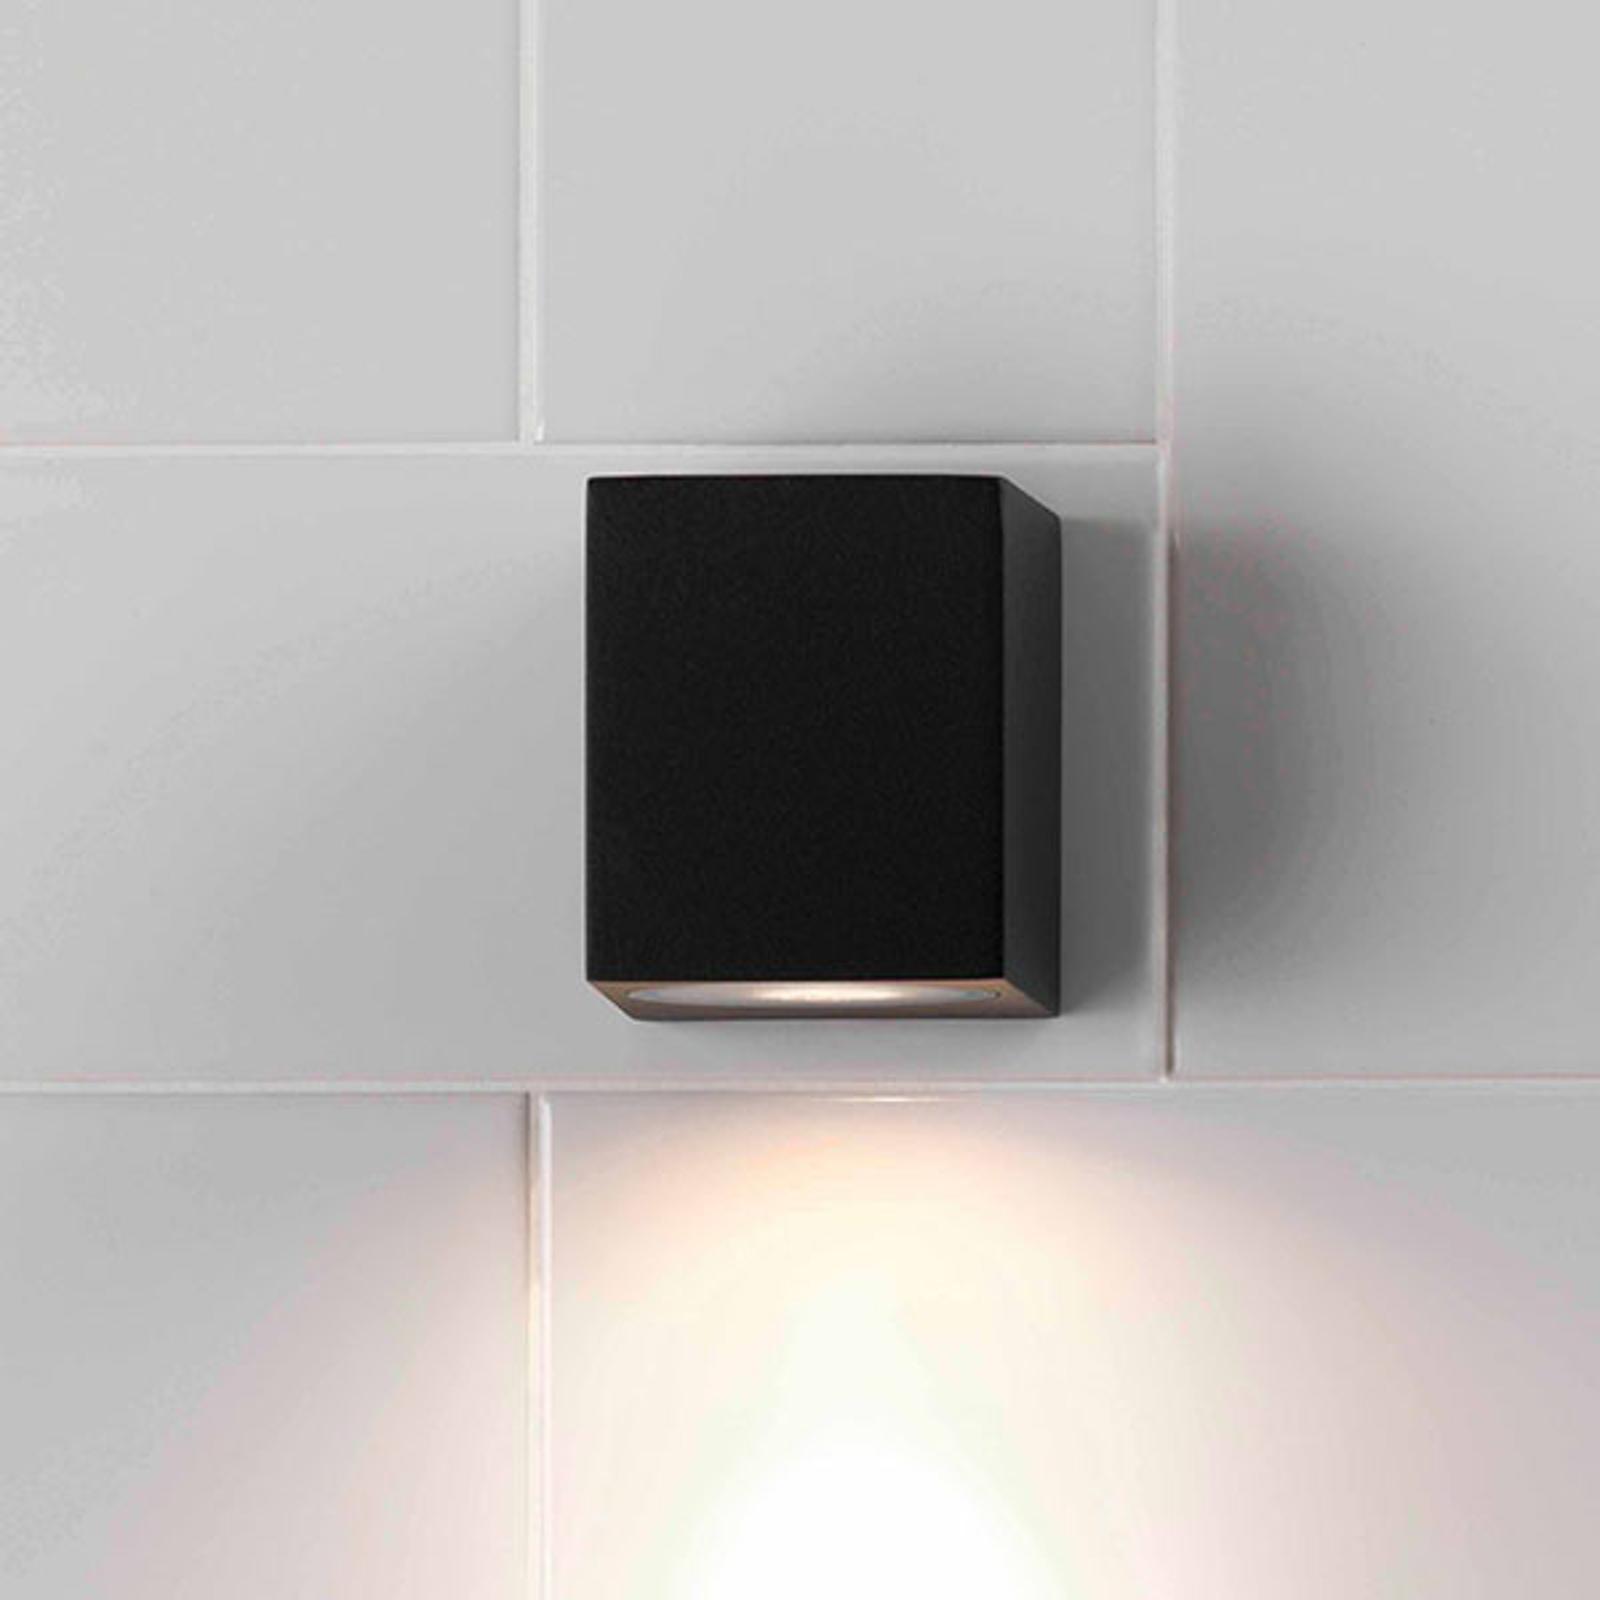 Astro Chios 80 - compacte buitenwandlamp zwart